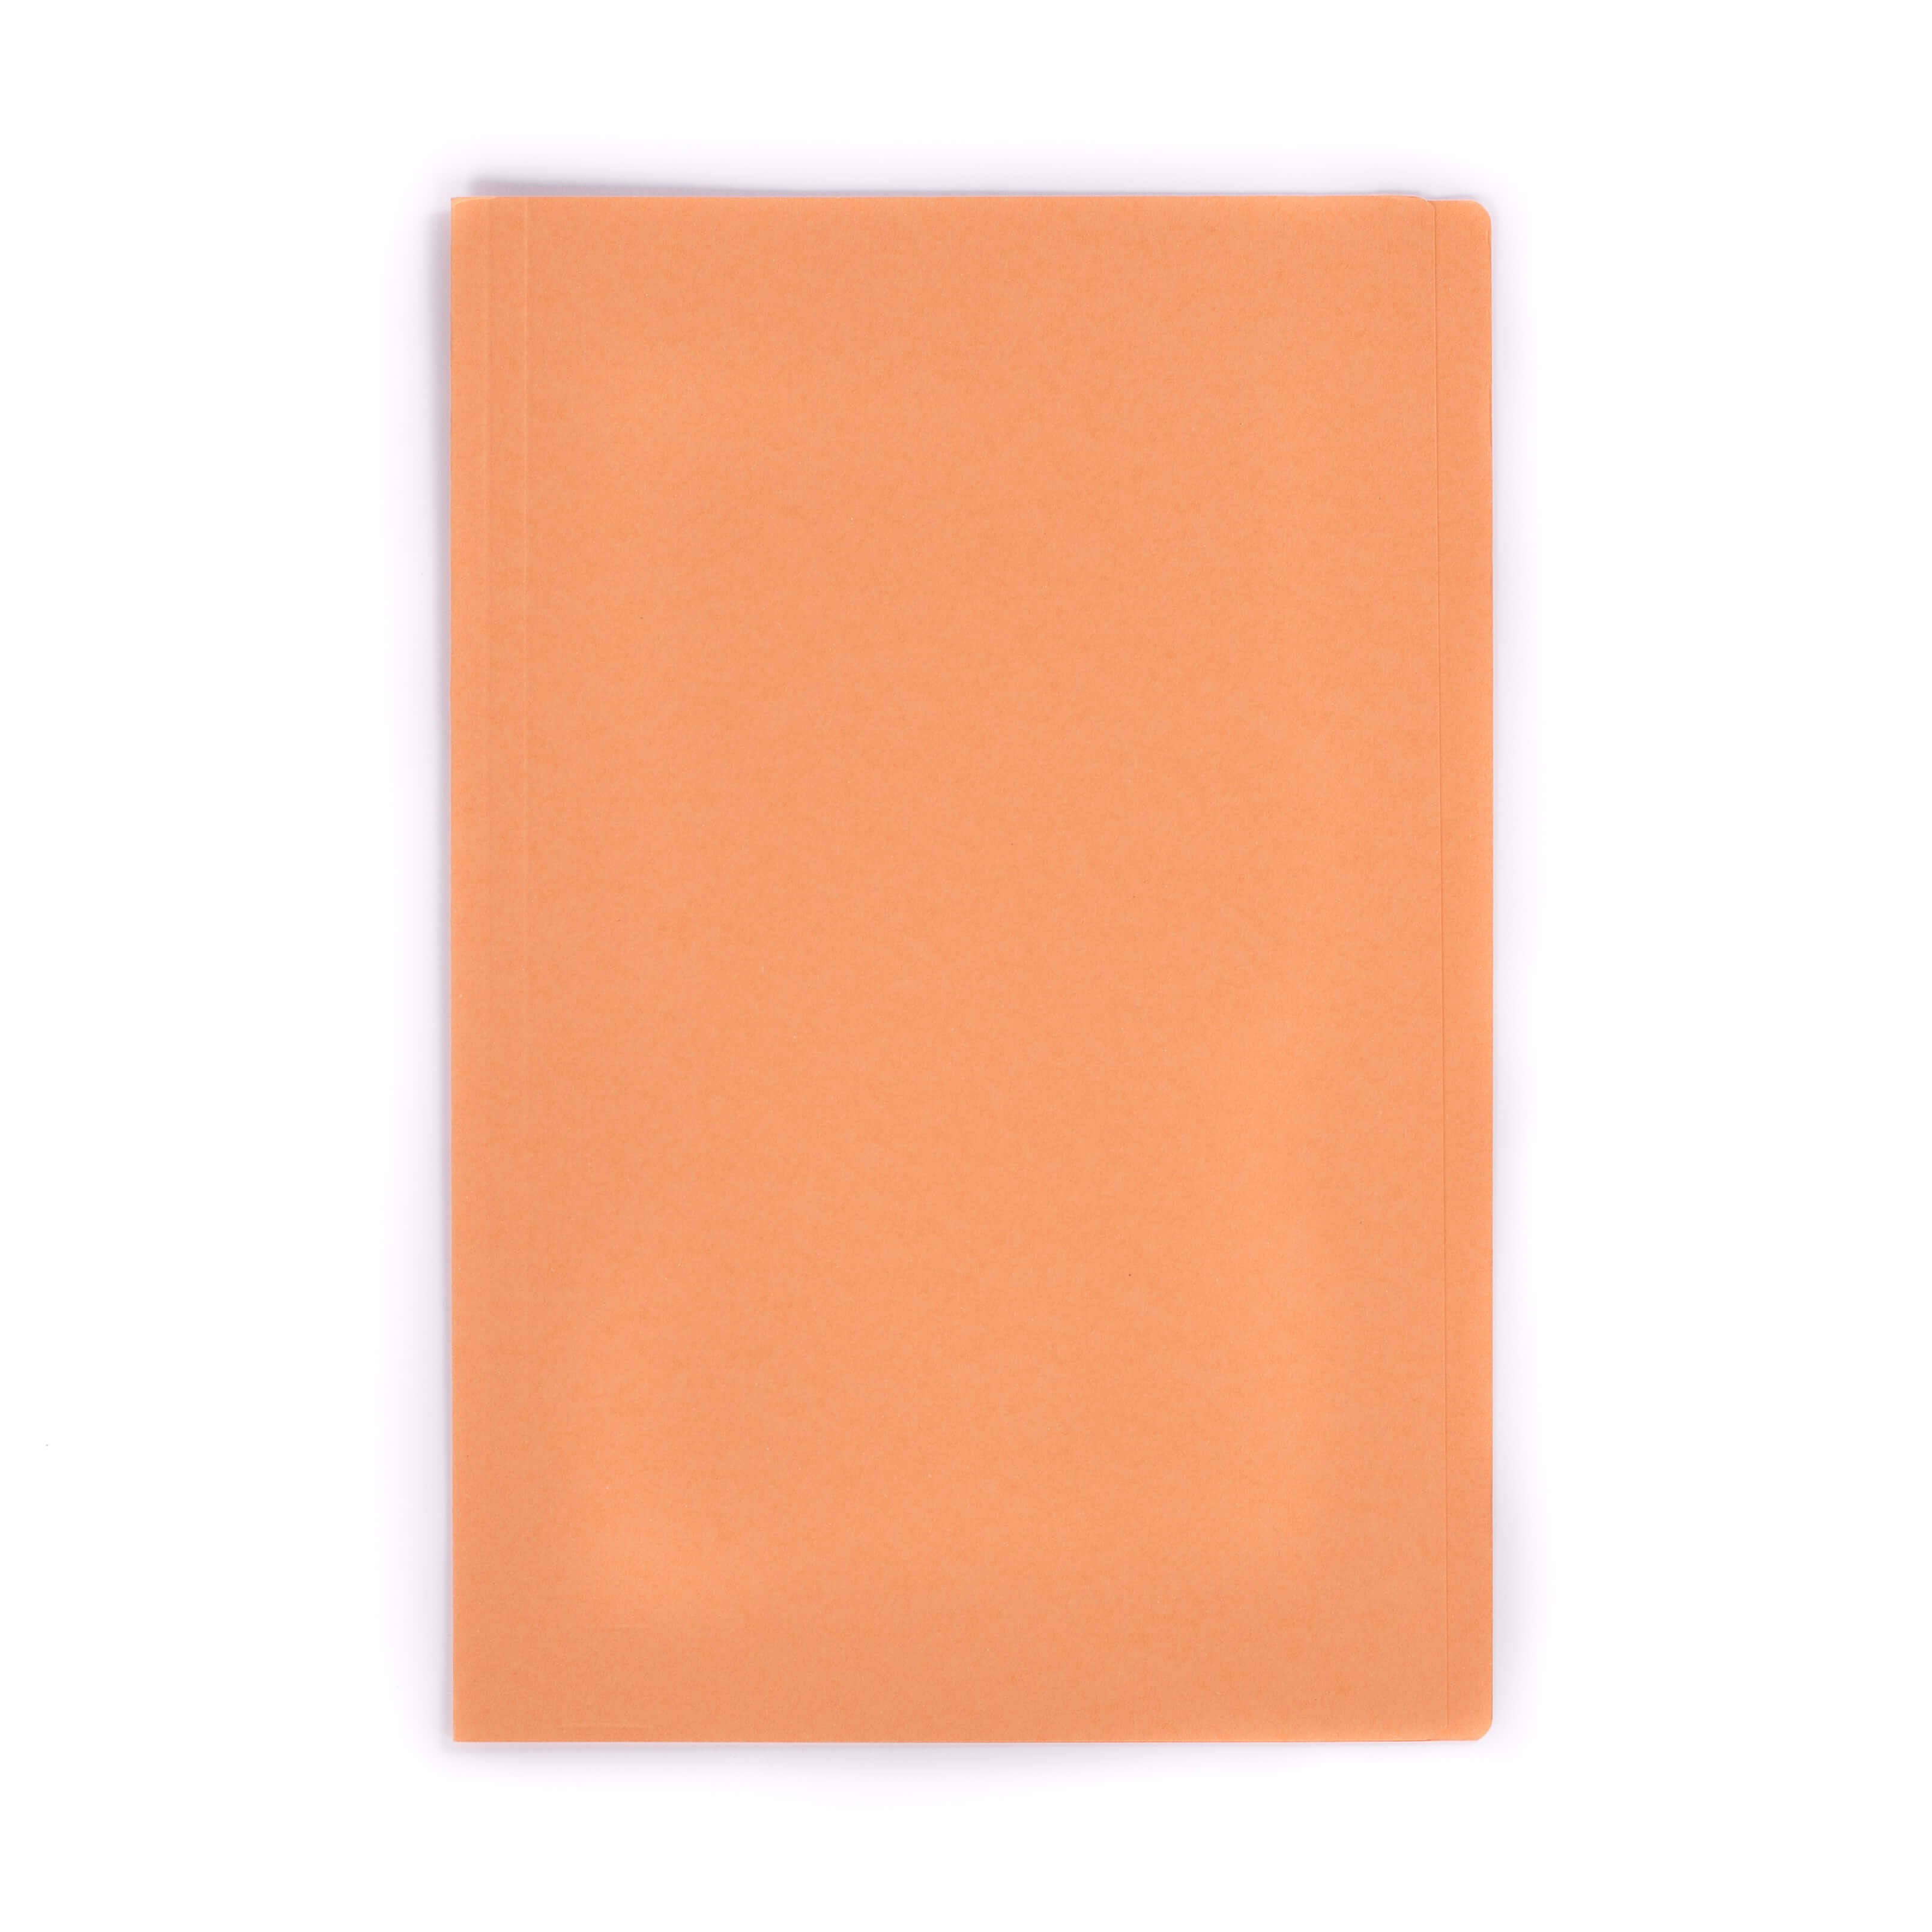 แฟ้มพับกระดาษ ตราใบโพธิ์ สีส้ม F4